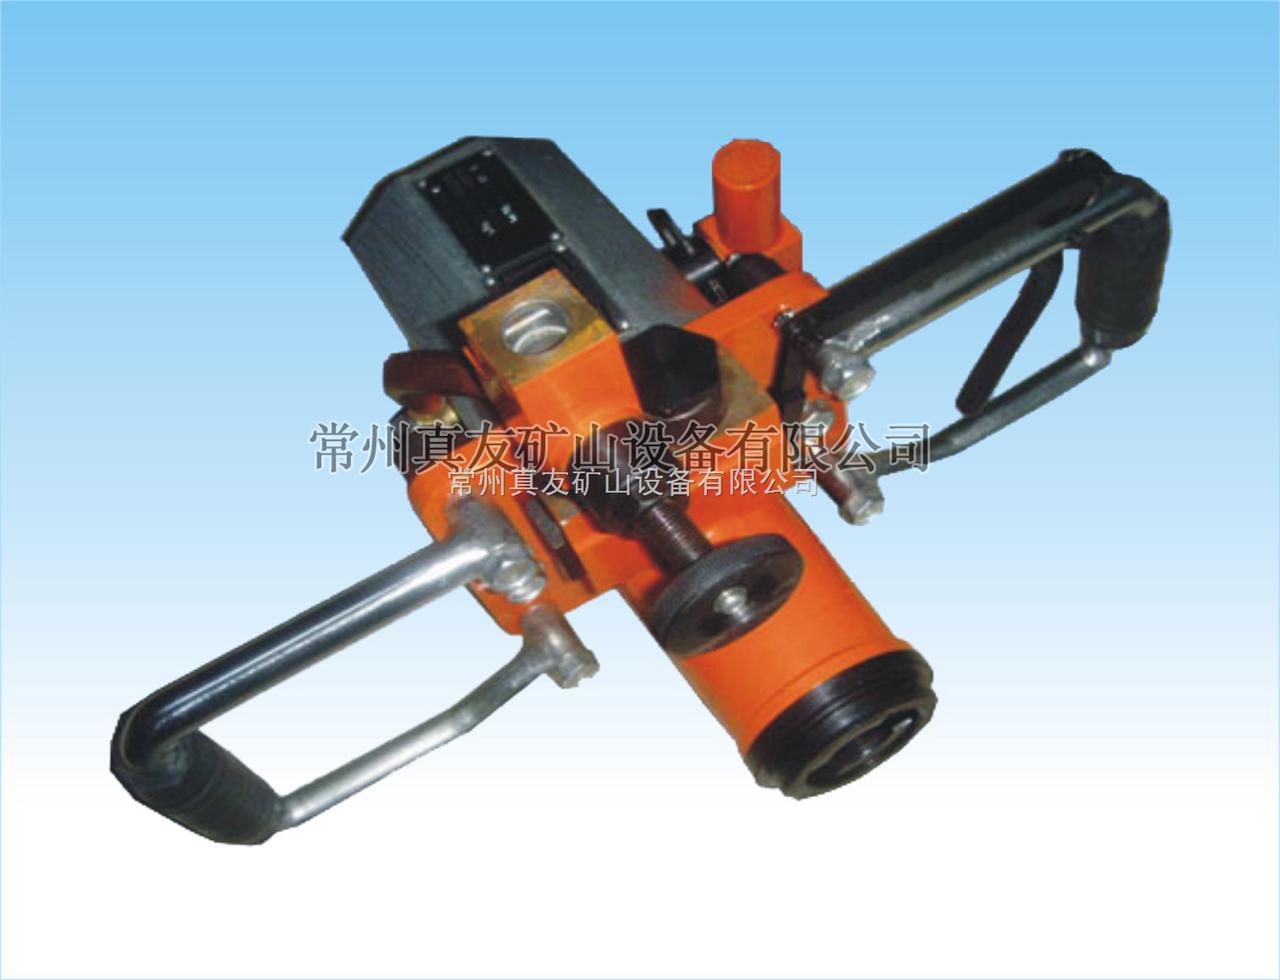 手持式乳化液钻机(液压煤钻)图片